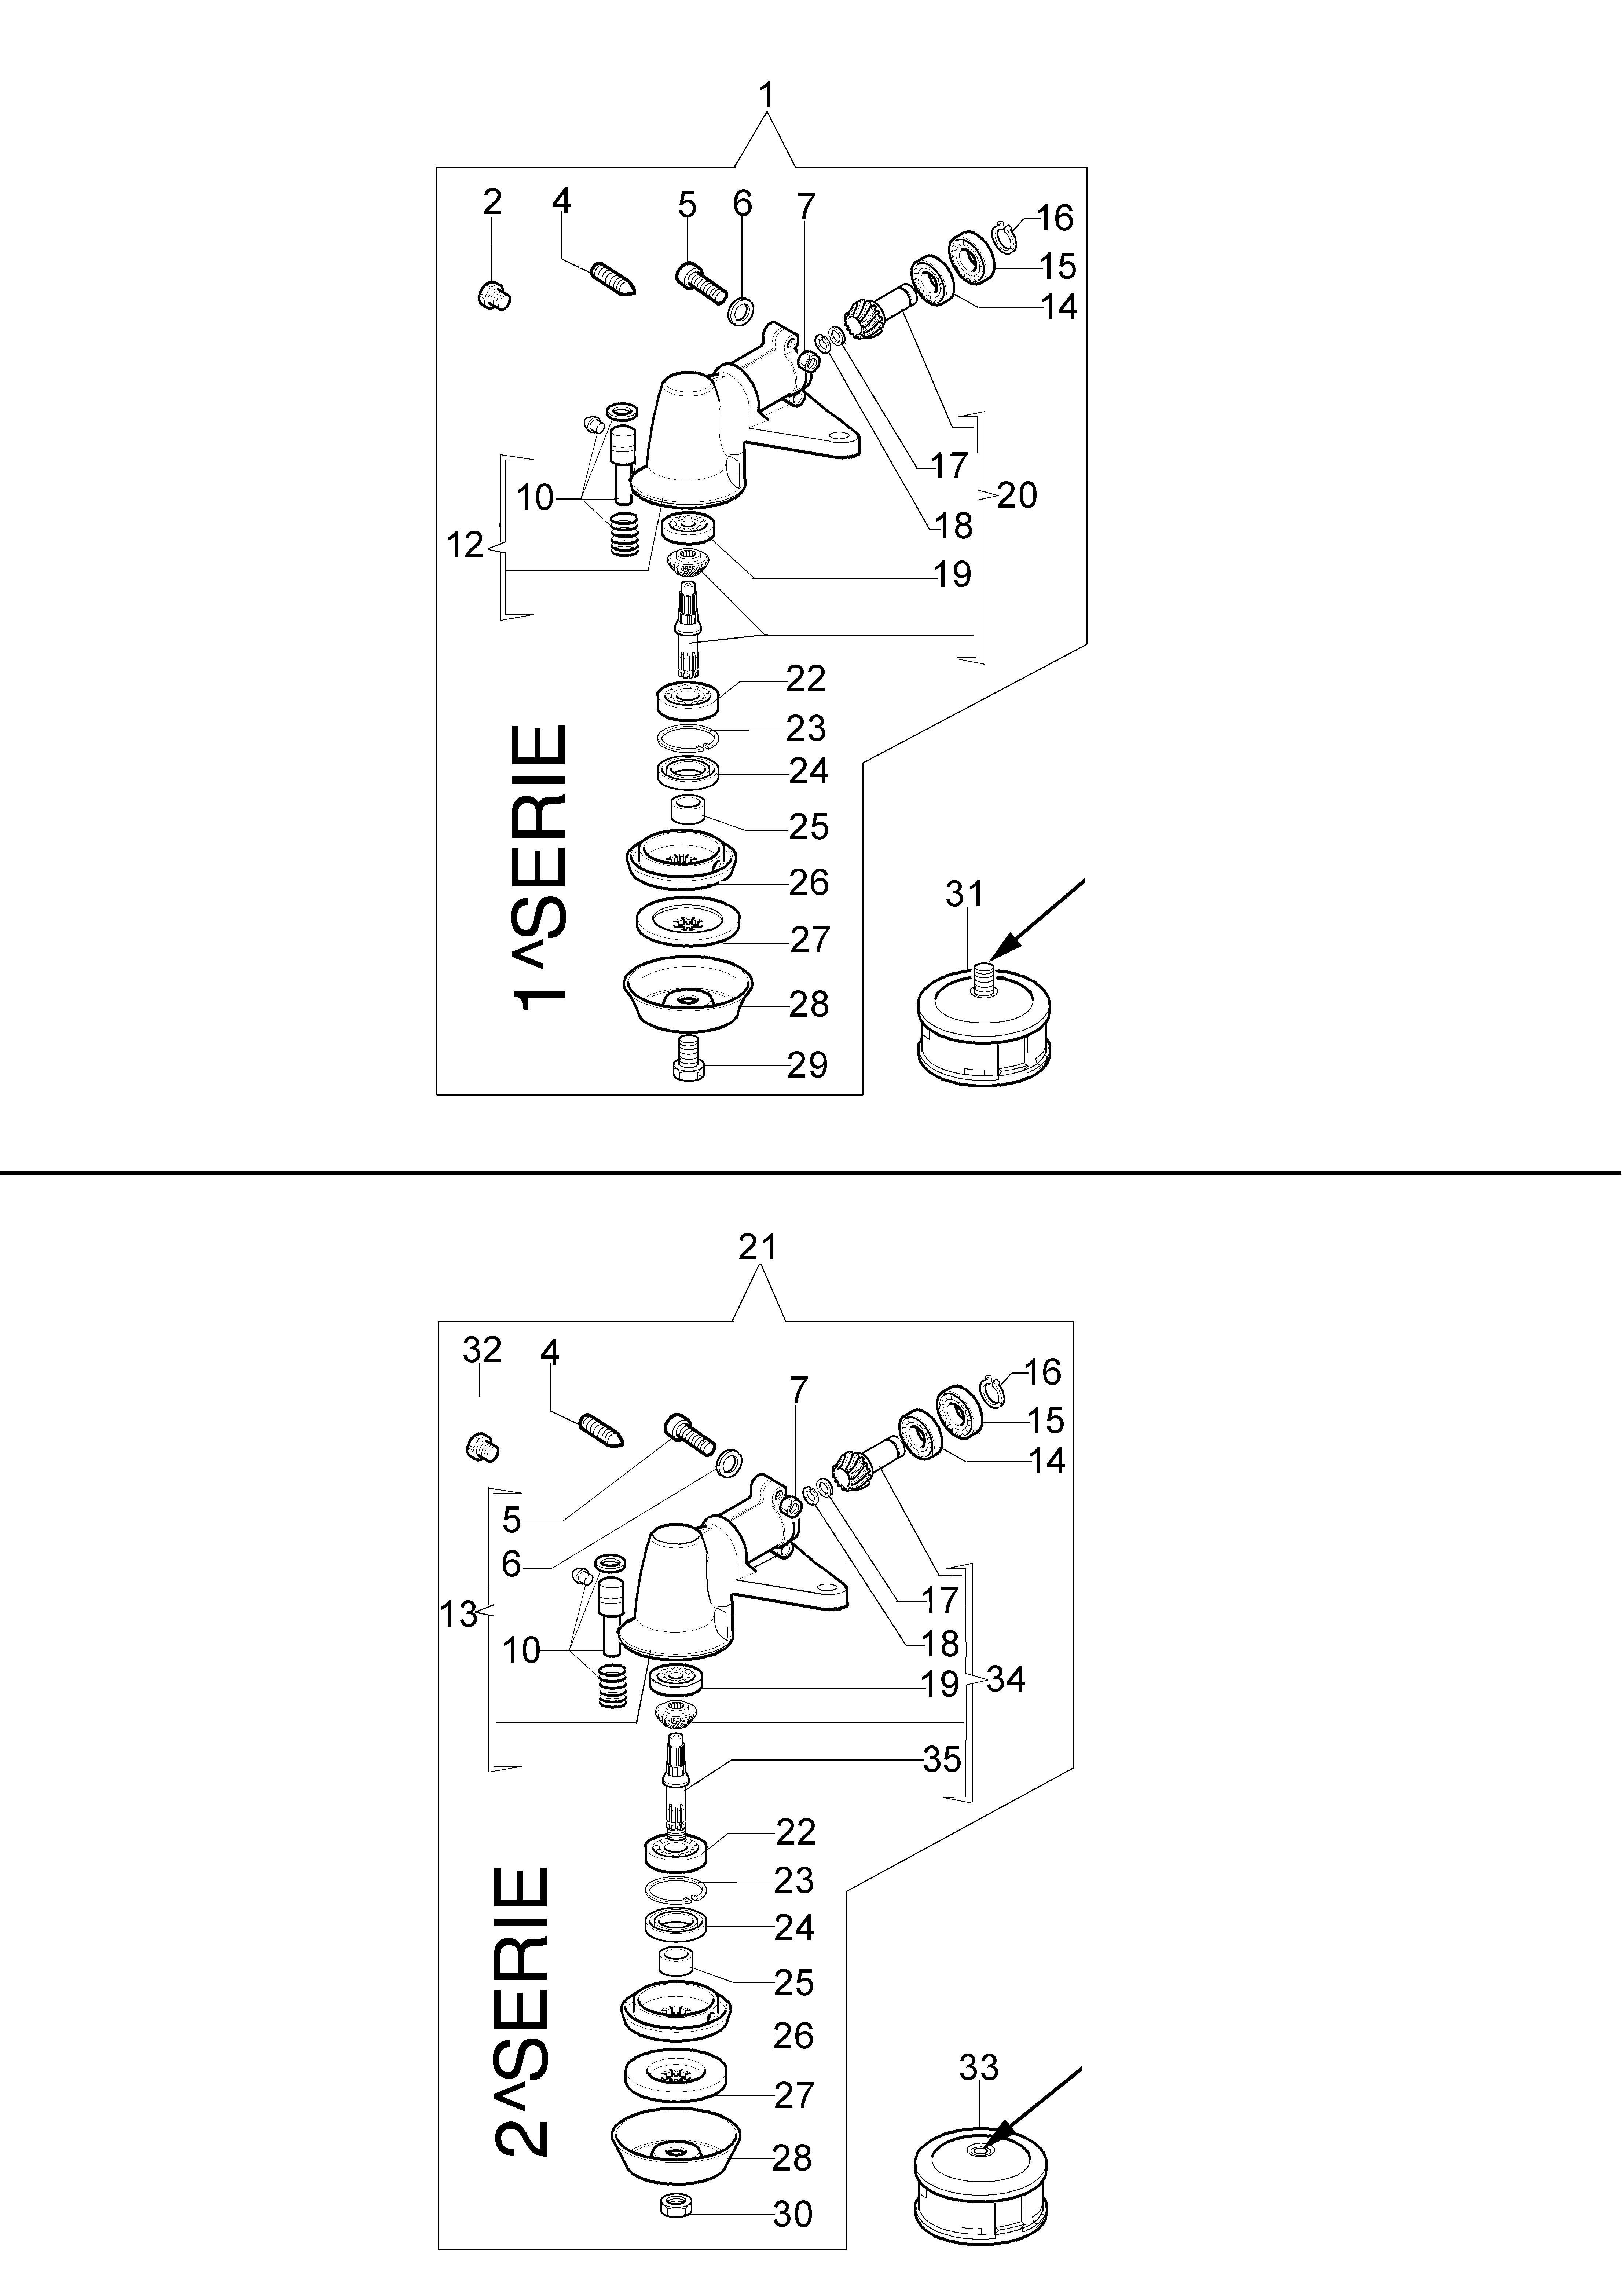 746 T Débroussailleuse oleomac Dessins pièces vue éclatée Couple conique